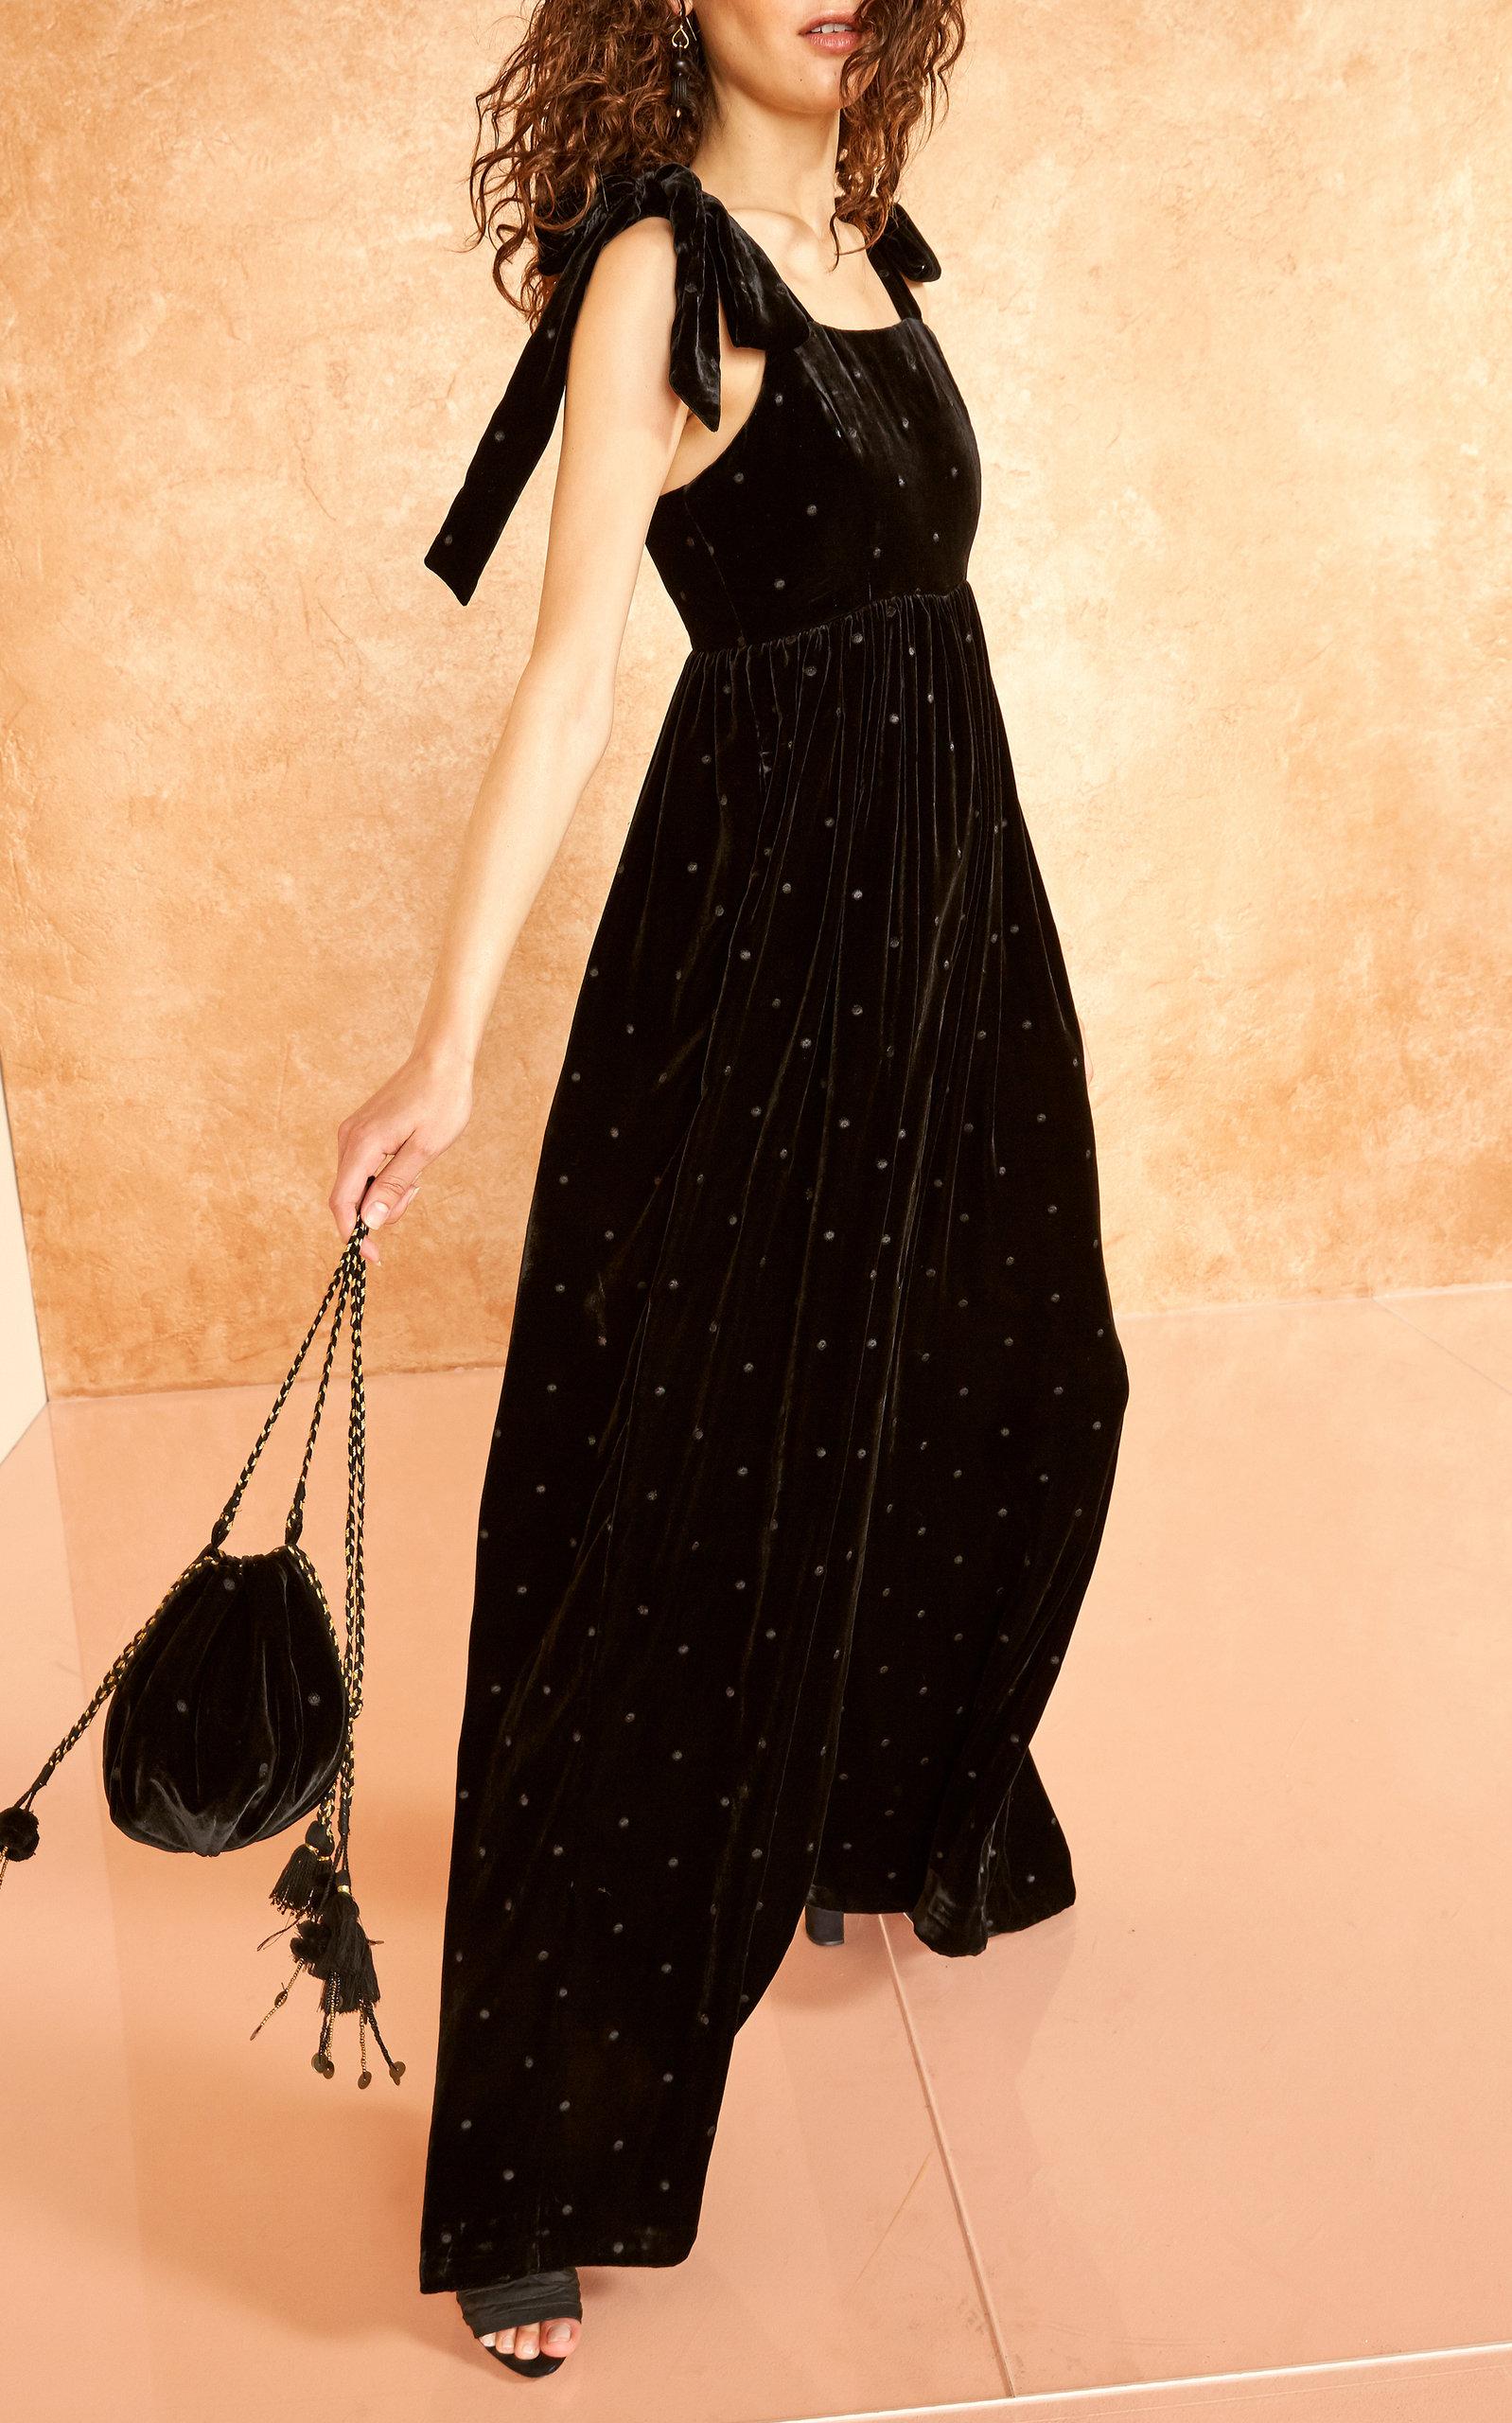 5f21460e16af Ulla JohnsonMinnet Embroidered Velvet Jumpsuit. CLOSE. Loading. Loading.  Loading. Loading